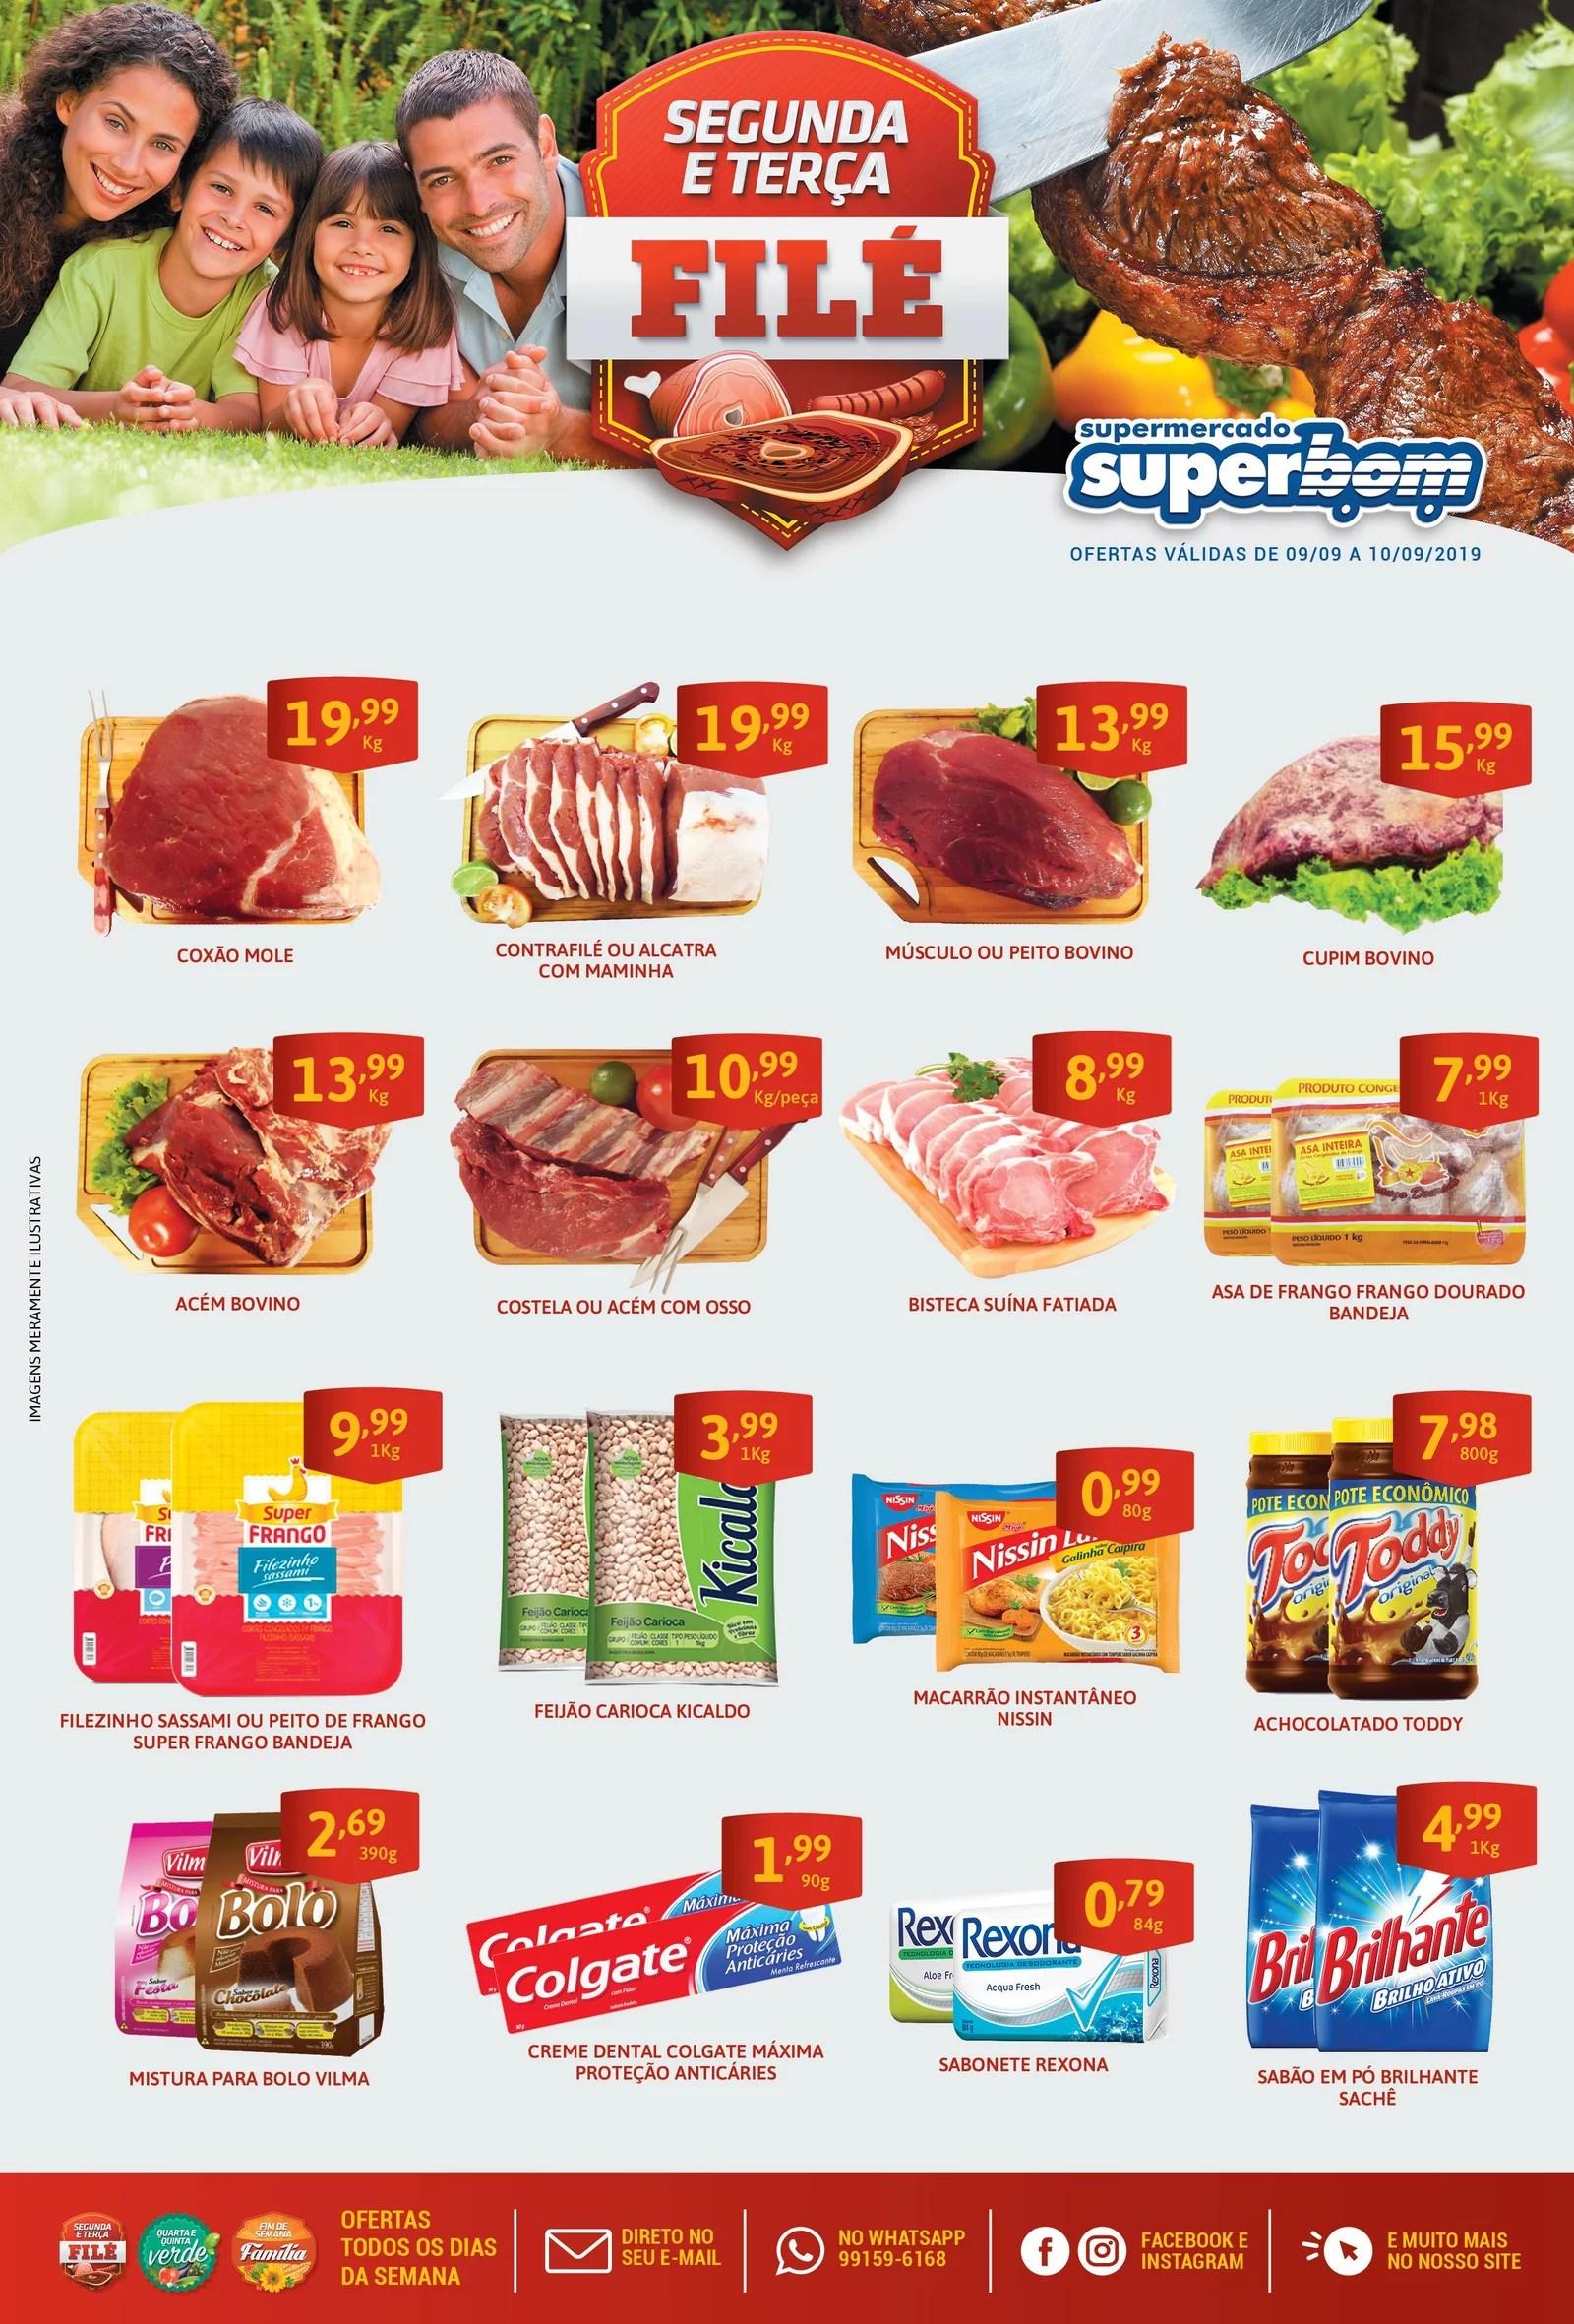 Ofertassupermercado-super-bom76